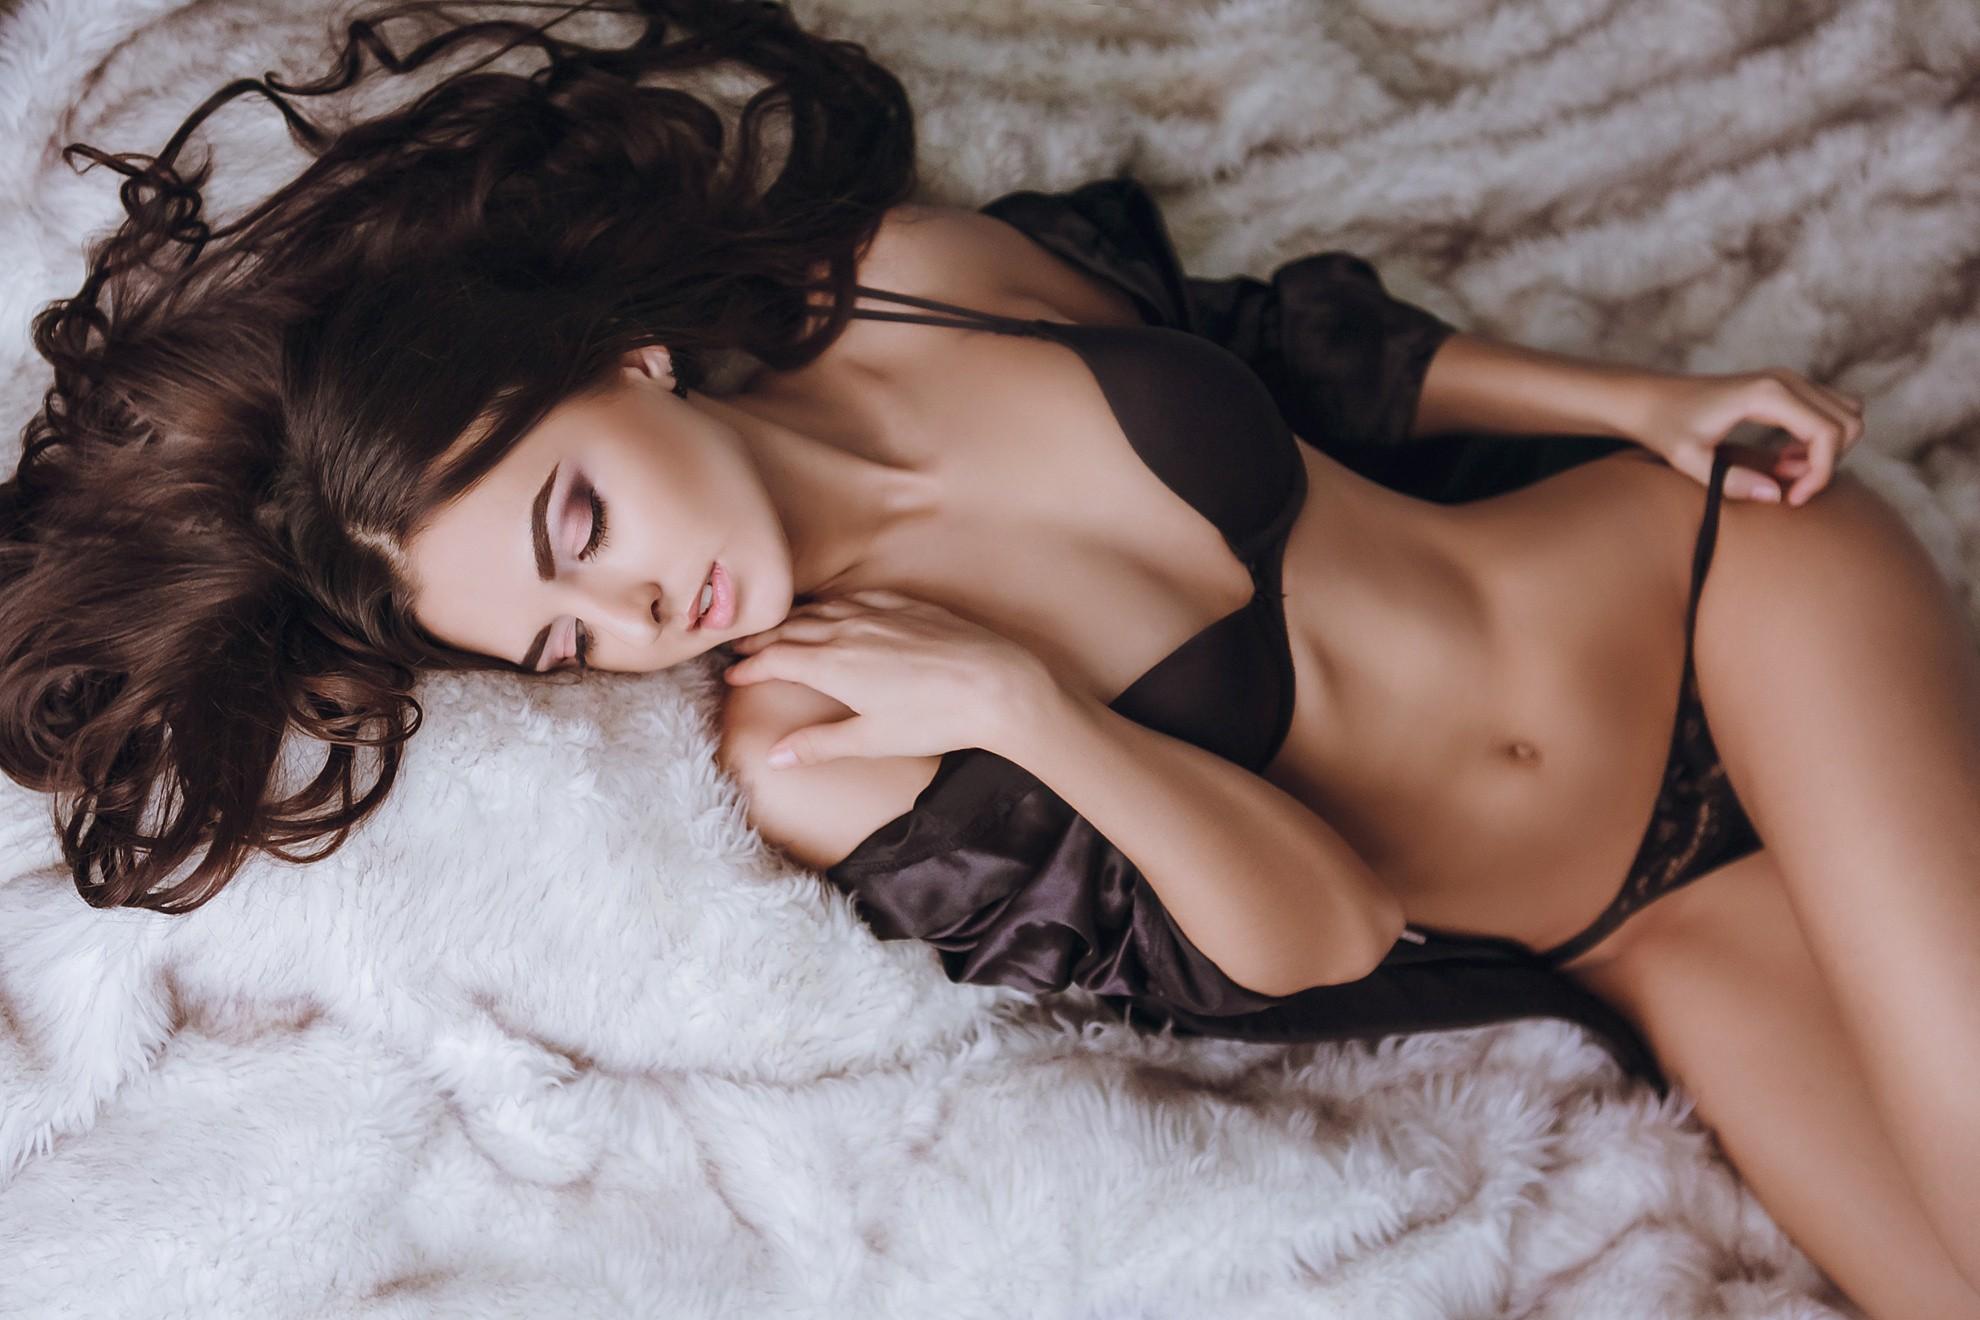 sessii-erotika-krasivoe-bele